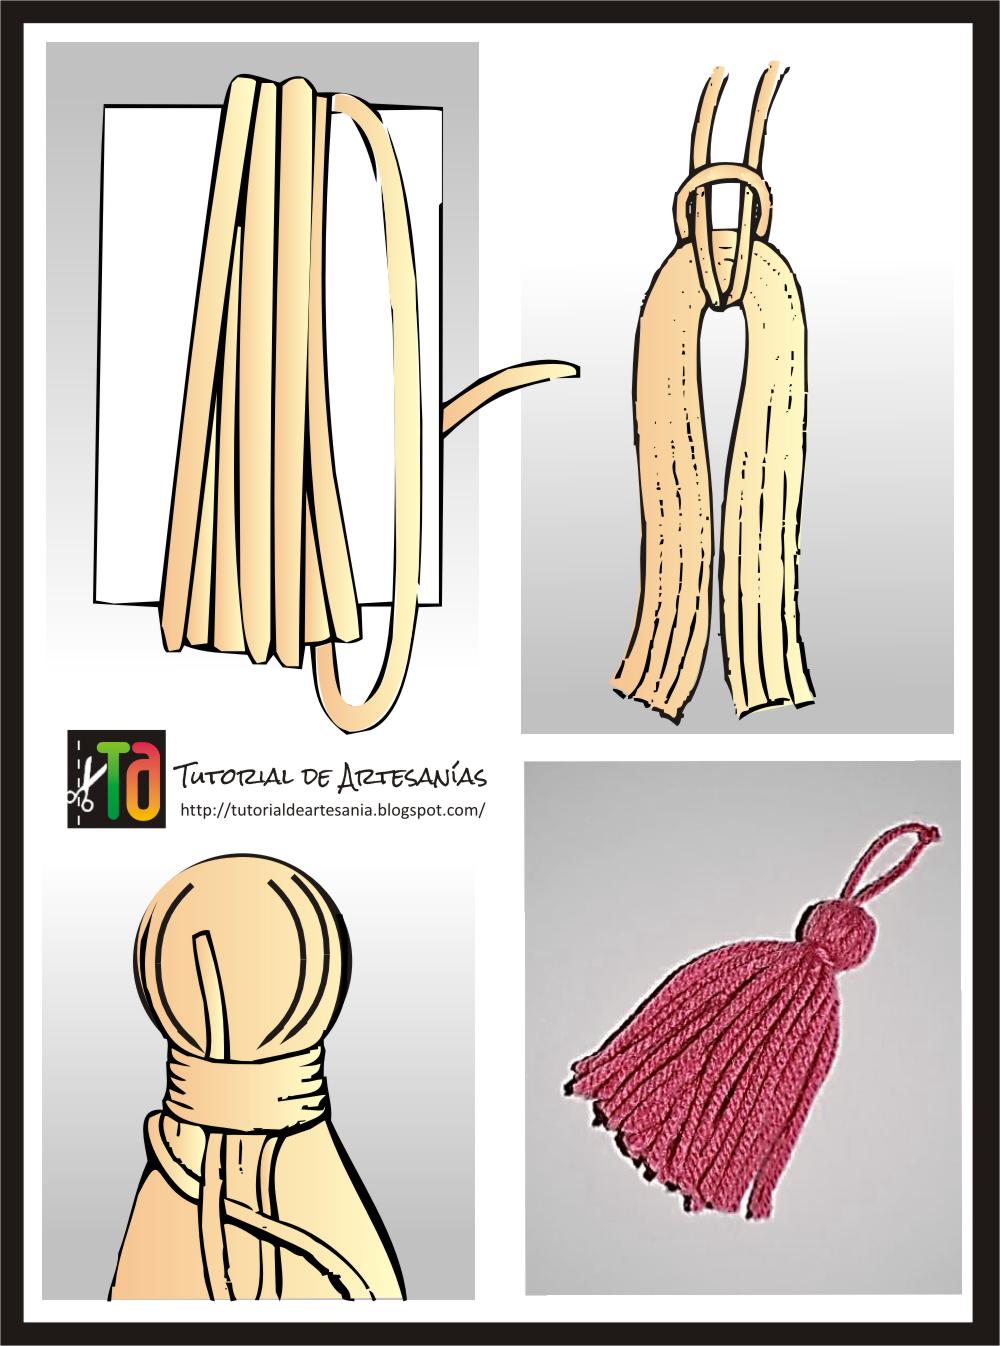 Tutorial de artesan as c mo hacer borlas - Como hacer unas cortinas paso a paso ...